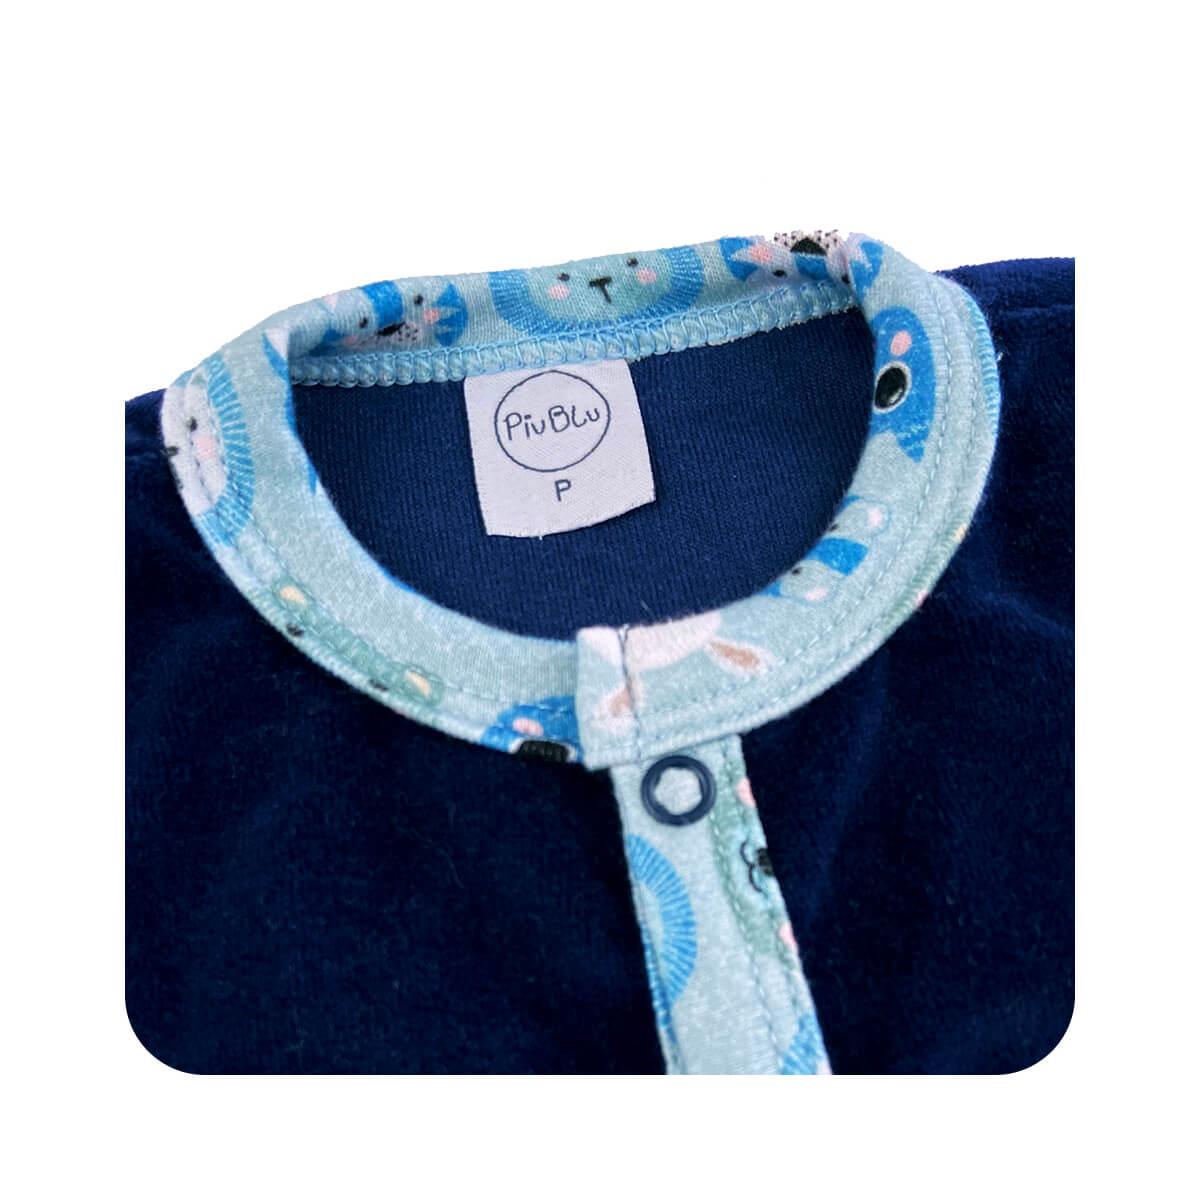 Macacão Plush Marinho - Todos os tamanhos com pezinho  - Piu Blu